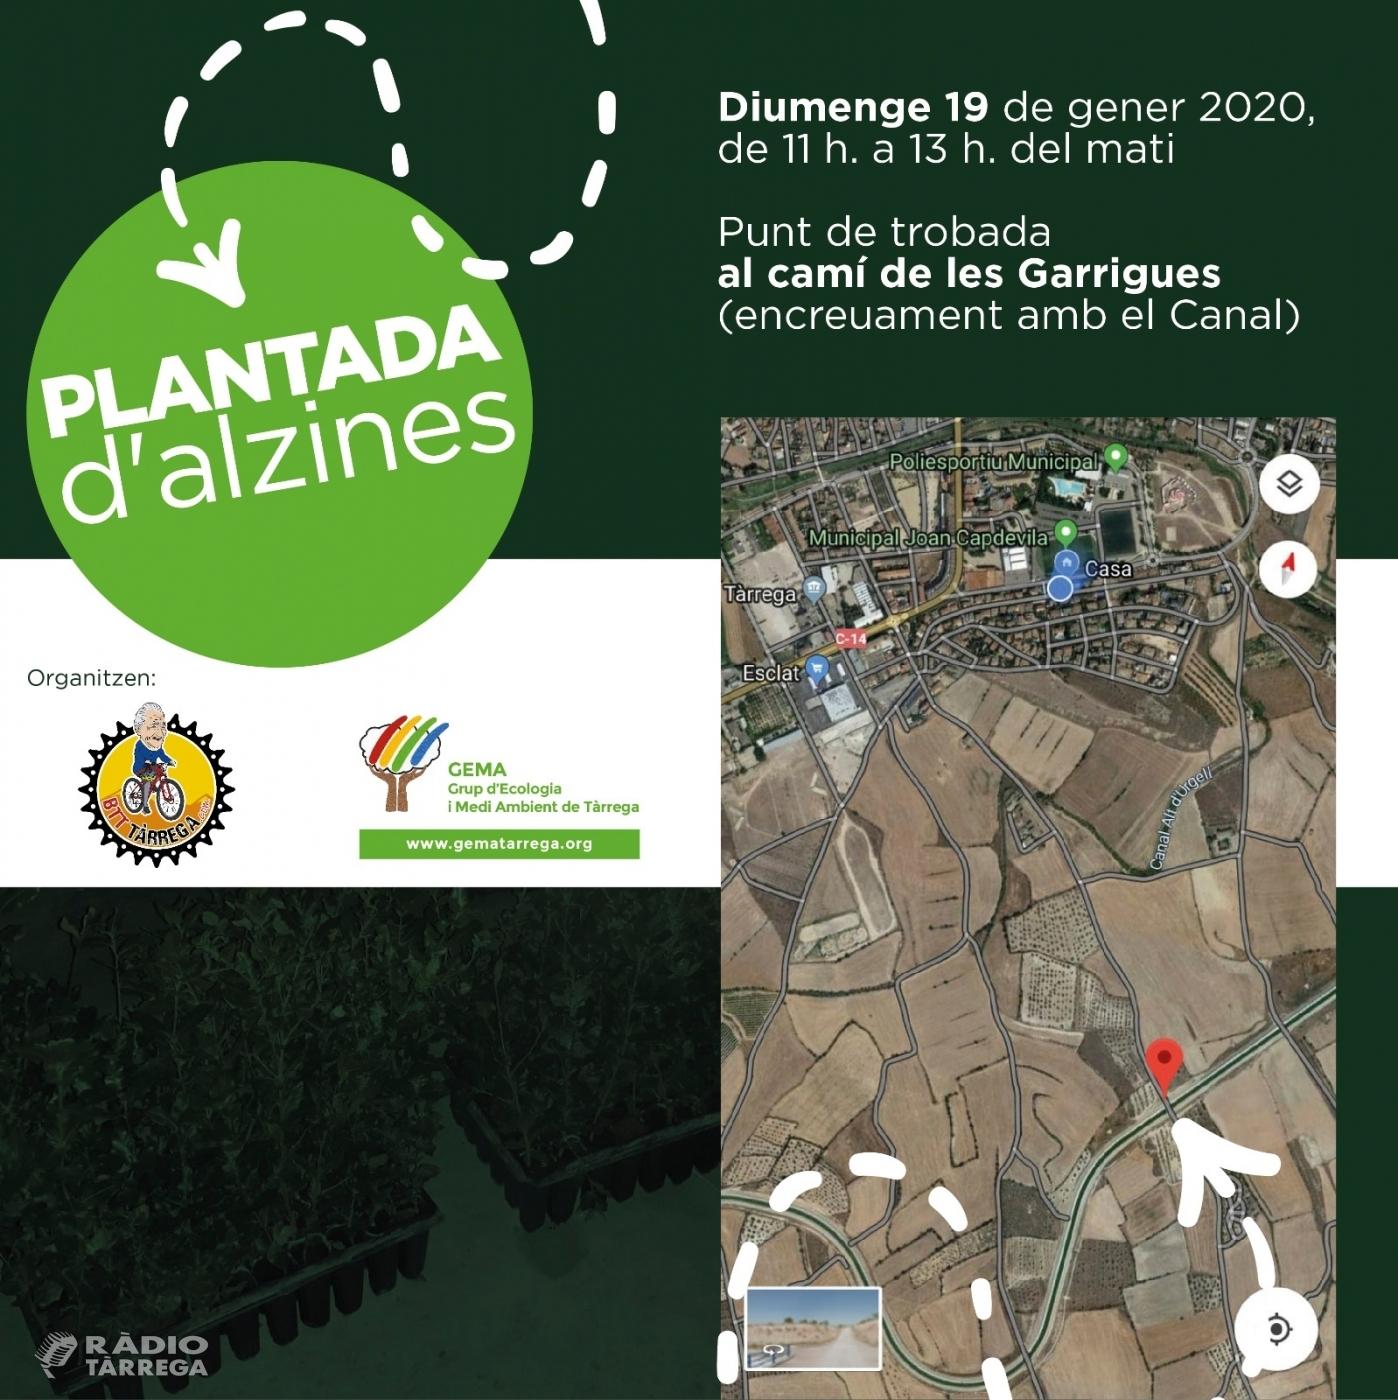 BTT Tàrrega i GEMA organitzen una plantada d'alzines a les zones ermes del canal Segarra Garrigues al seu pas per Tàrrega